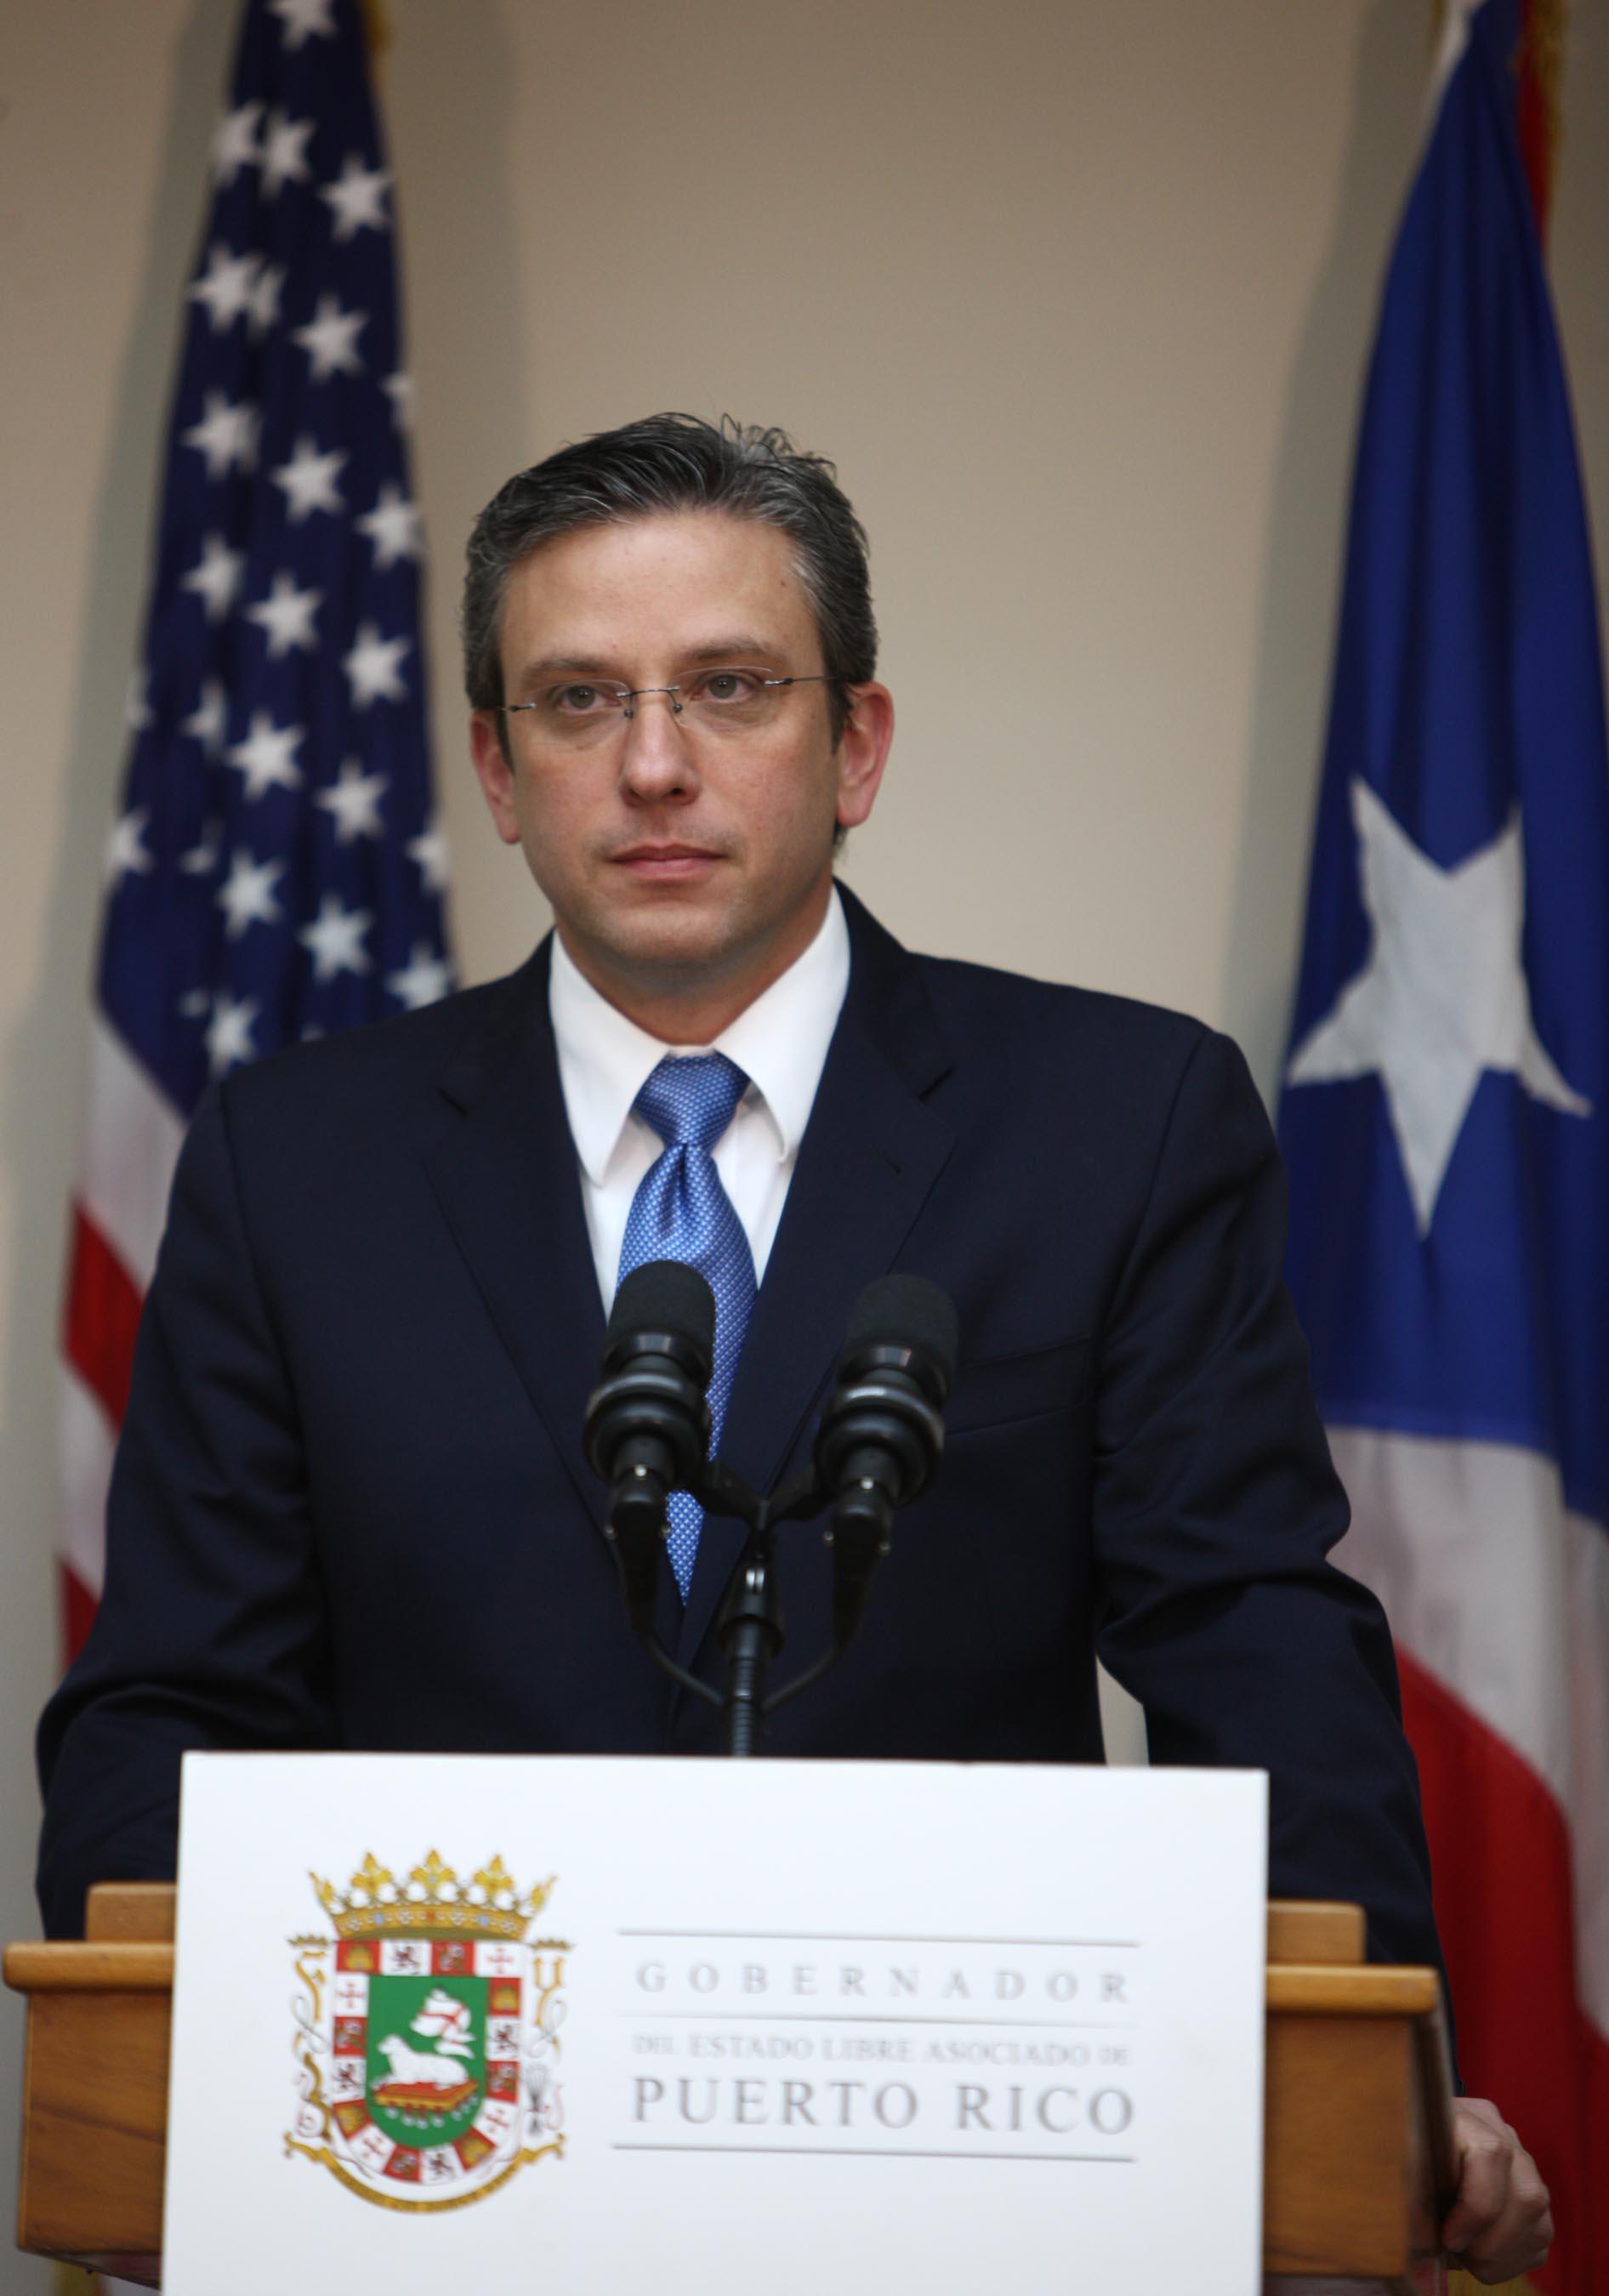 Gobernador de Puerto Rico pide unidad para superar la crisis económica